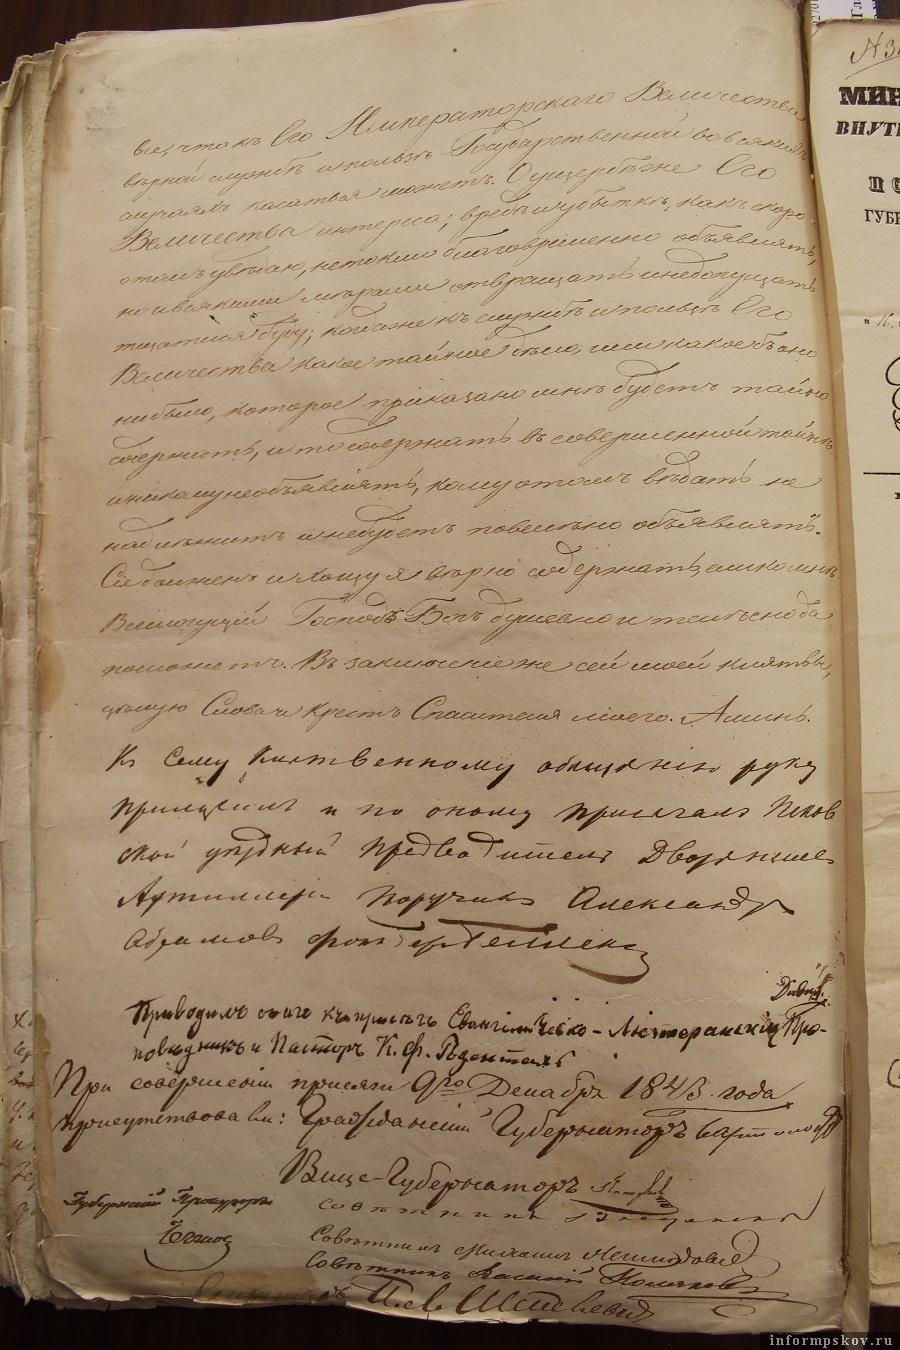 Фрагмент присяжного листа Александра Фон-дер-Беллена с клятвой на верность России. 9 декабря 1843 года